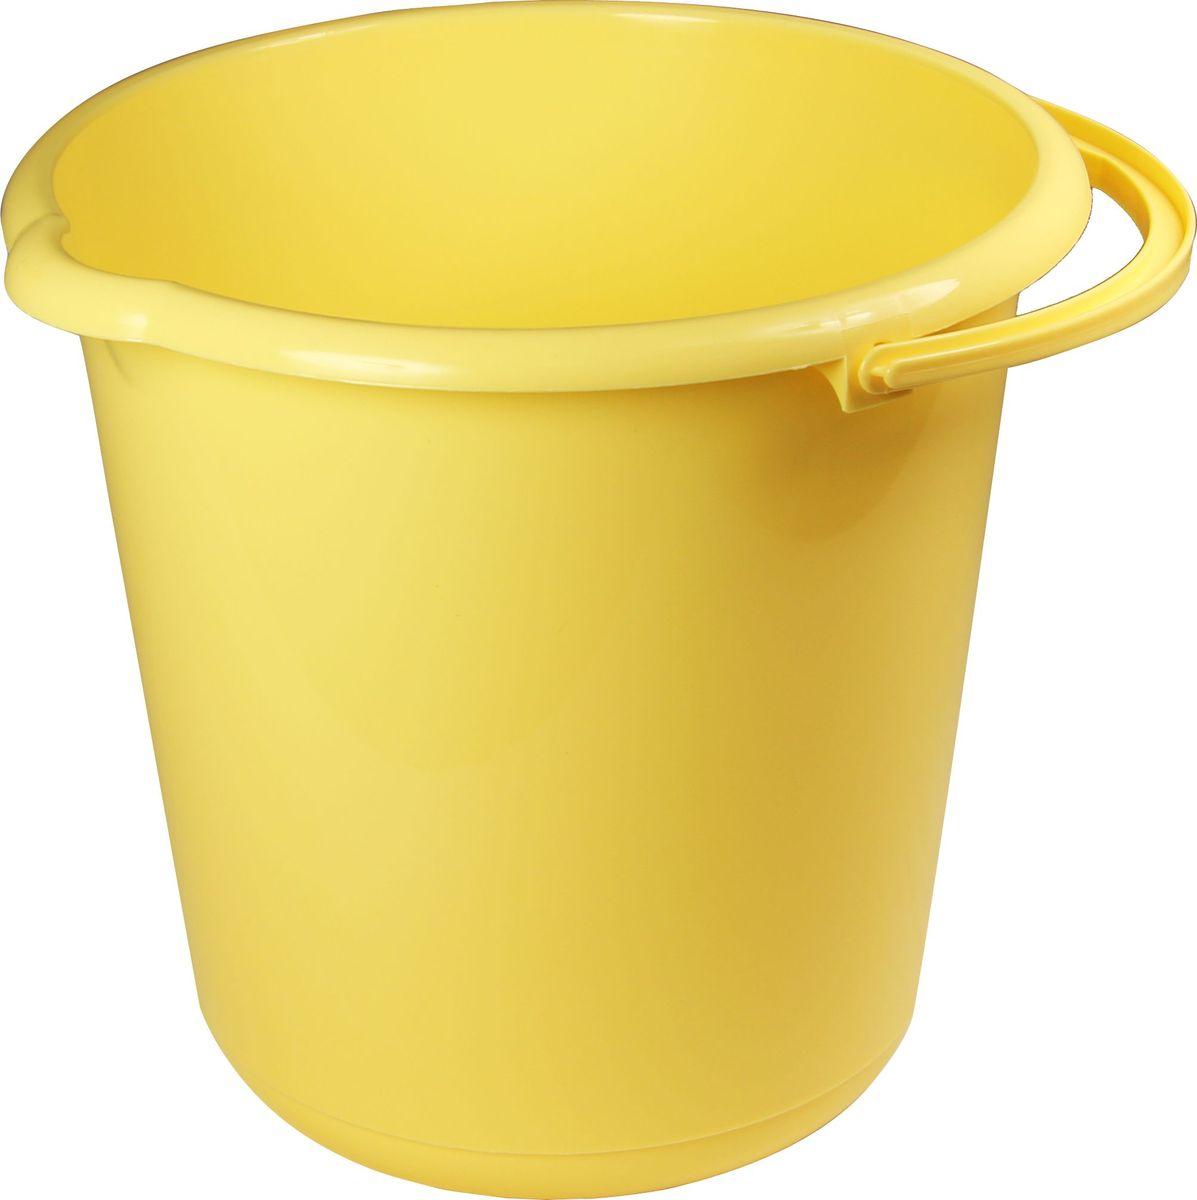 Ведро хозяйственное Idea, цвет: банановый, 3 лМ 2428_банановыйВедро Idea изготовлено из высококачественного прочного пластика. Оно легче железного и не подвержено коррозии. Ведро оснащено удобной пластиковой ручкой. Такое ведро станет незаменимымпомощником в хозяйстве.Диаметр (по верхнему краю): 20 см.Высота: 18,5 см.